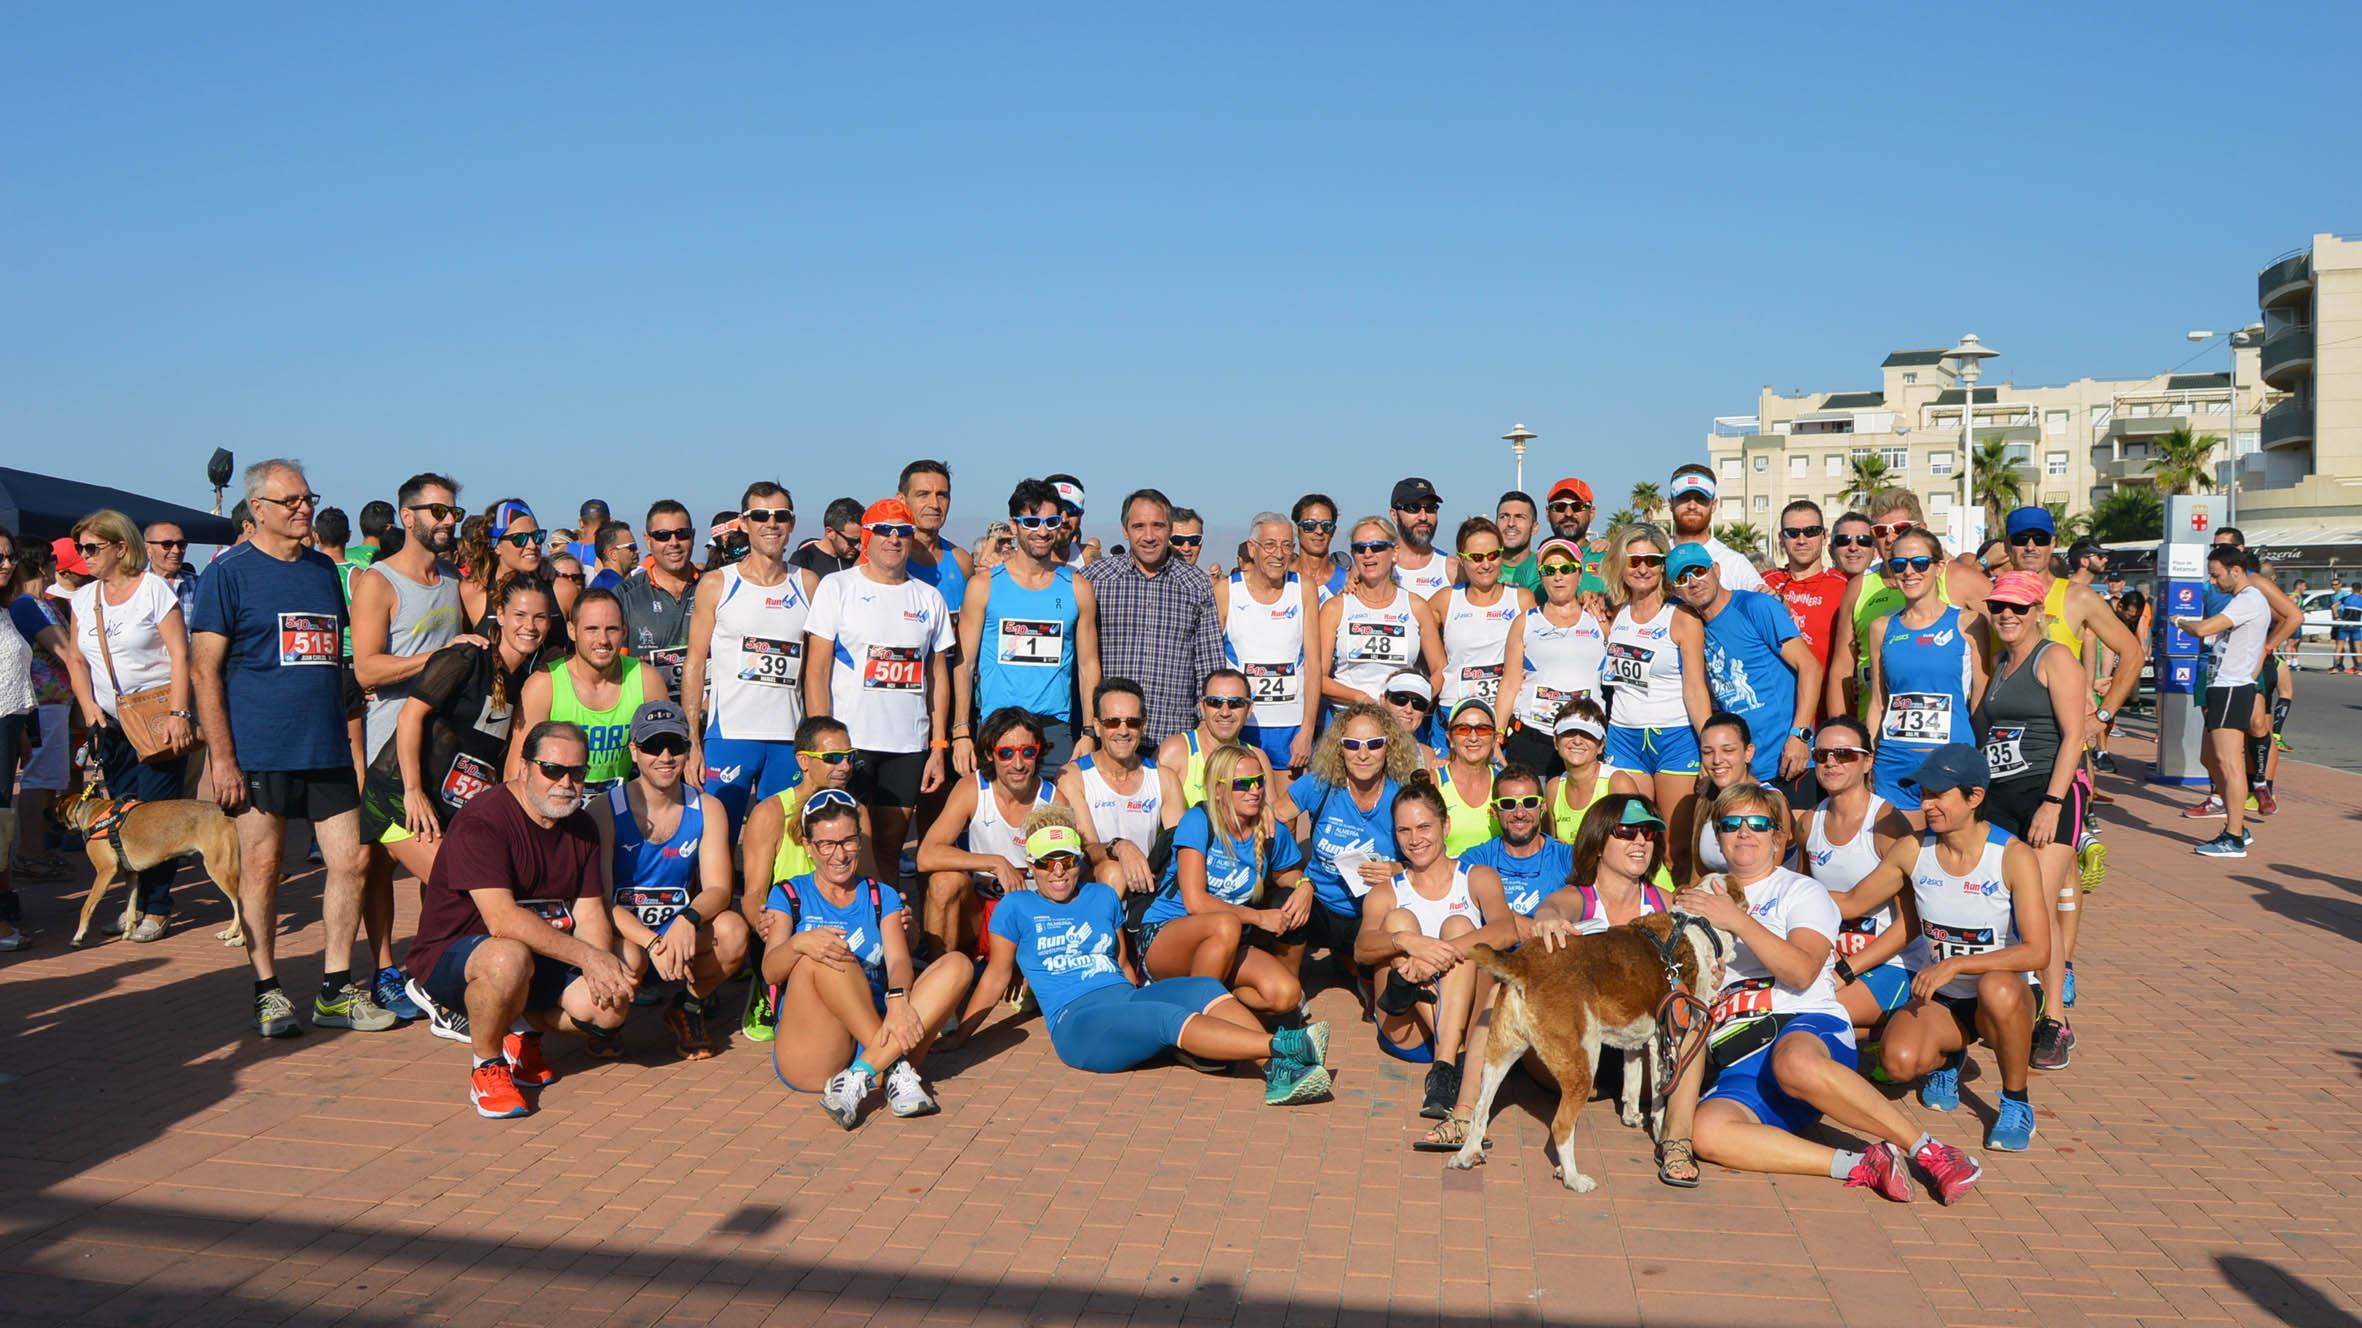 350 atletas participan en la 6ª Carrera Run 04 disputada en el parque Cabo de Gata